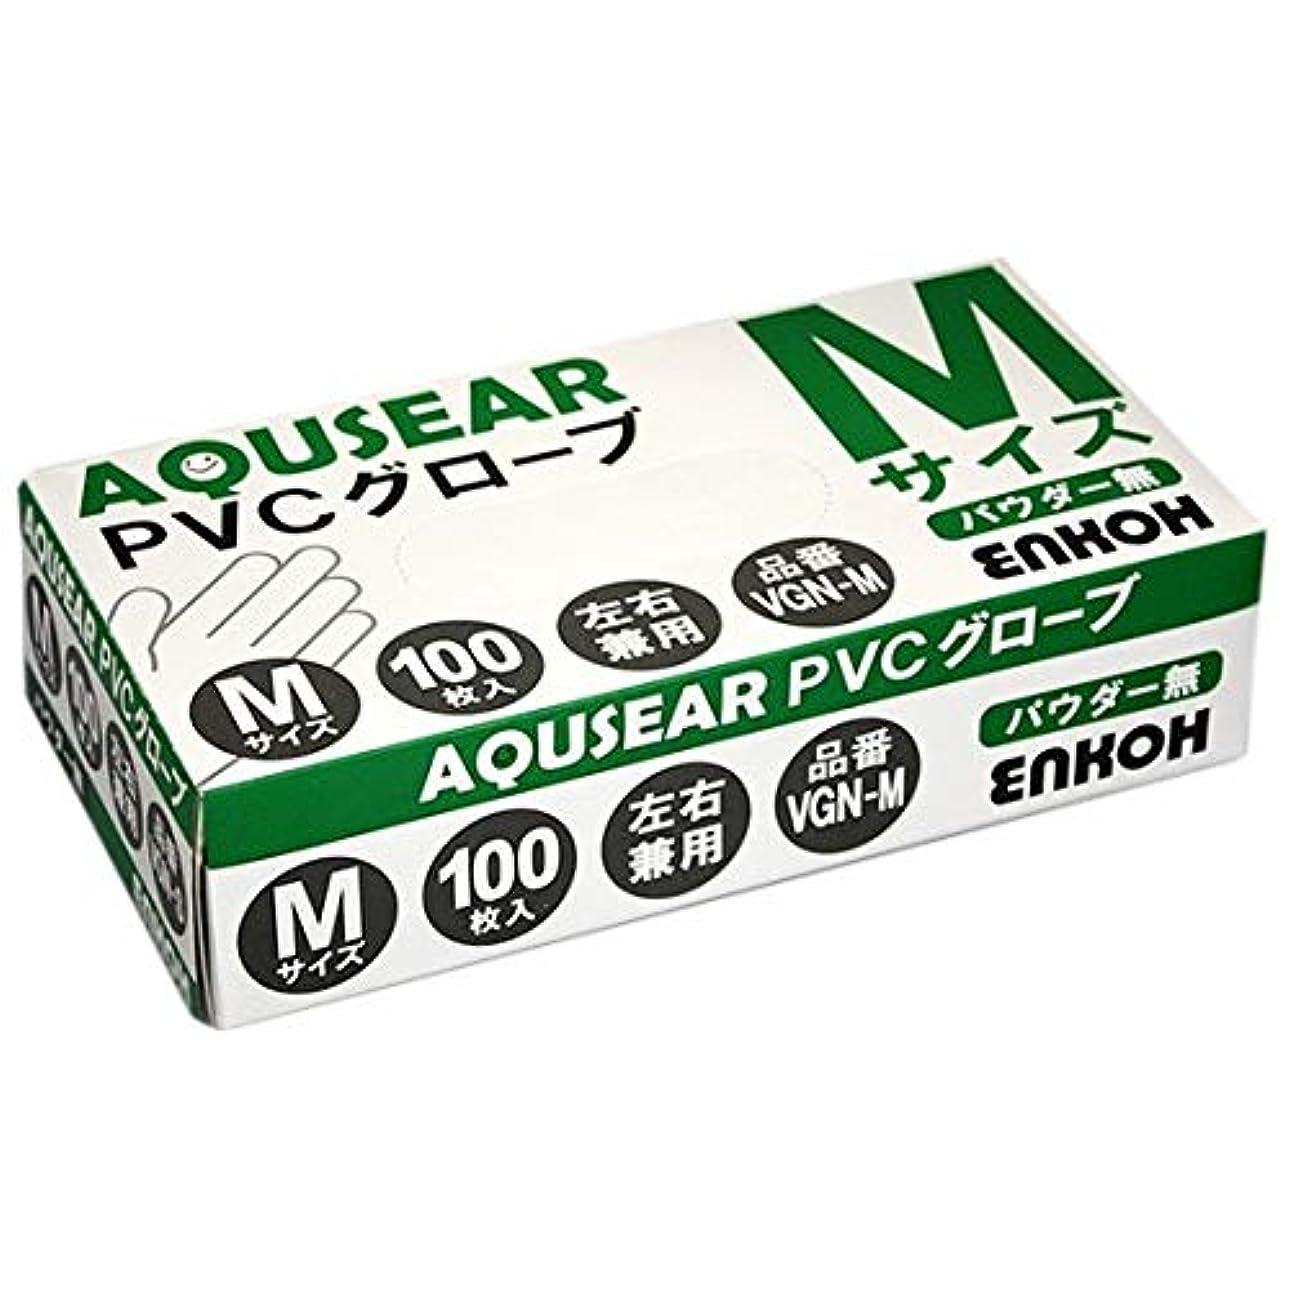 全能乱すランプAQUSEAR PVC プラスチックグローブ Mサイズ パウダー無 VGN-M 100枚×20箱